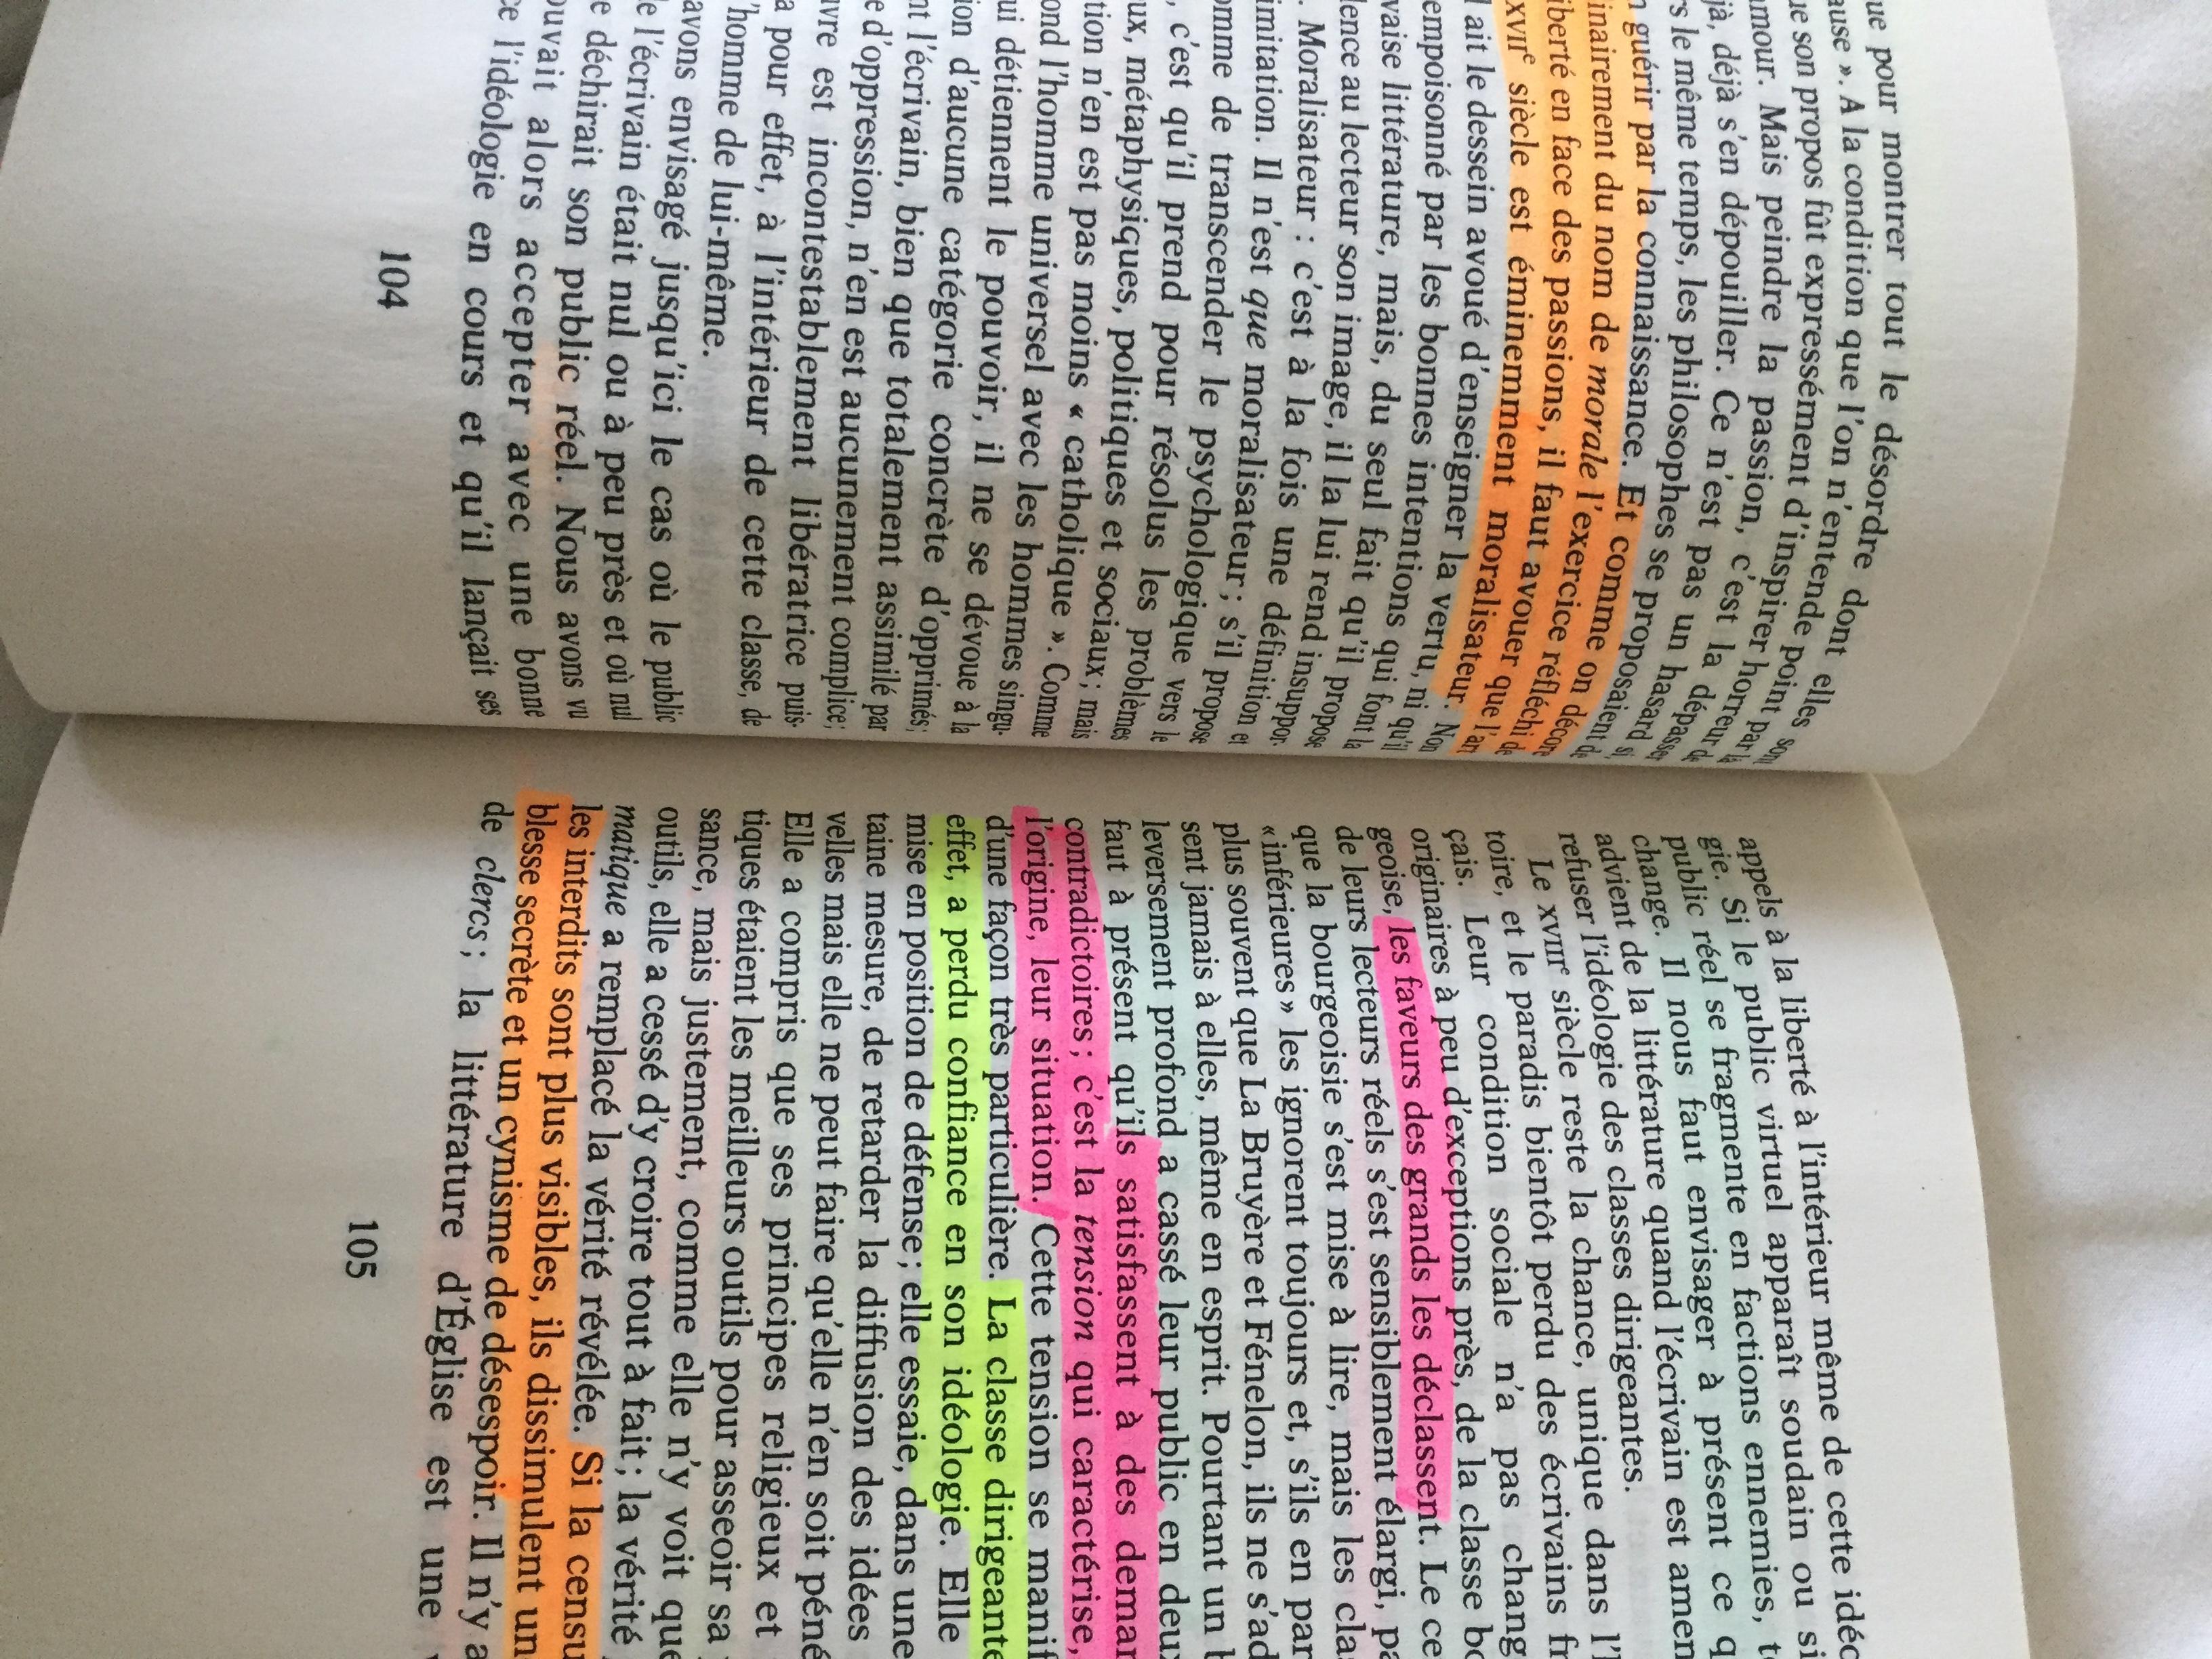 troc de troc sartre, qu'est-ce que la littérature? image 1